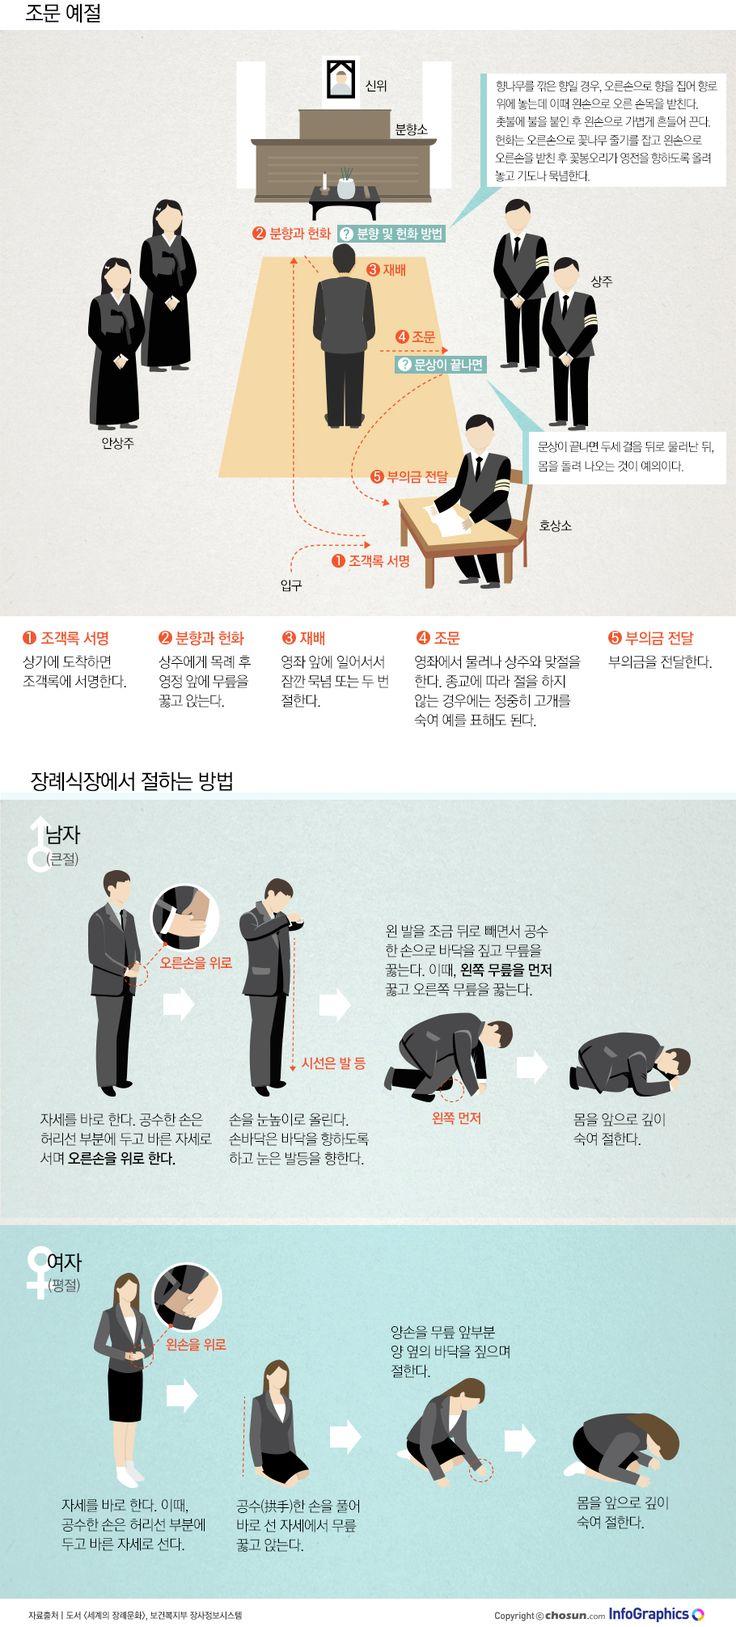 알기 쉬운 조문 예절 방법 - 조선닷컴 인포그래픽스